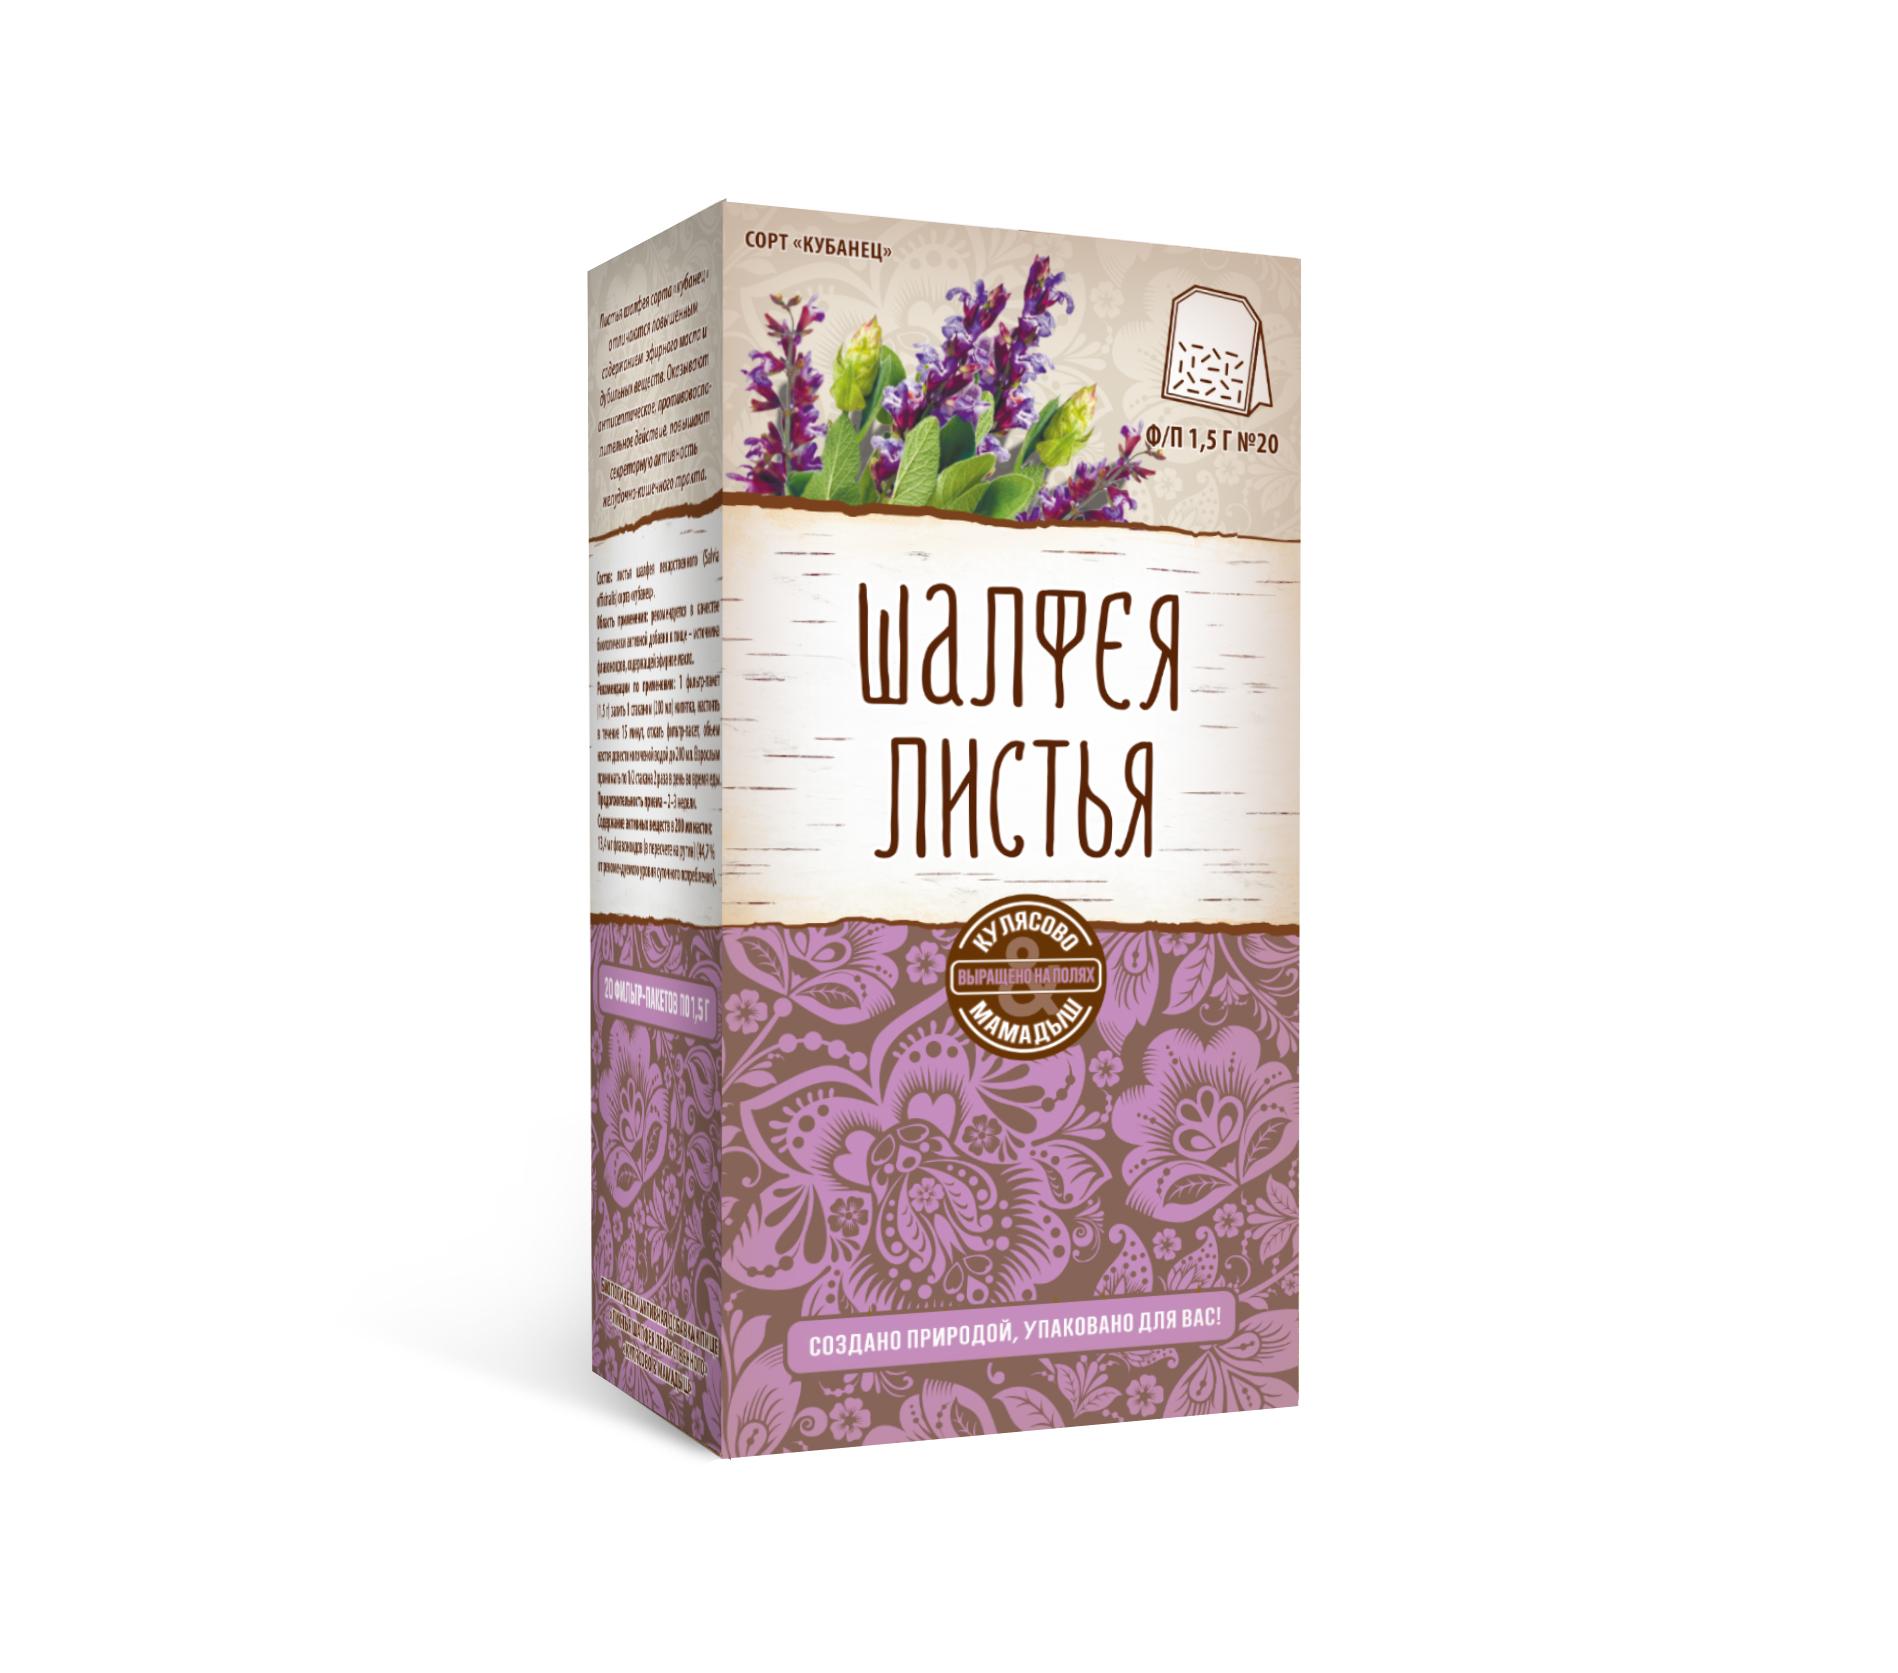 Листья шалфея лекарственного. Кулясово & Мамадыш (фильтр-пакеты): описание, инструкция по применению